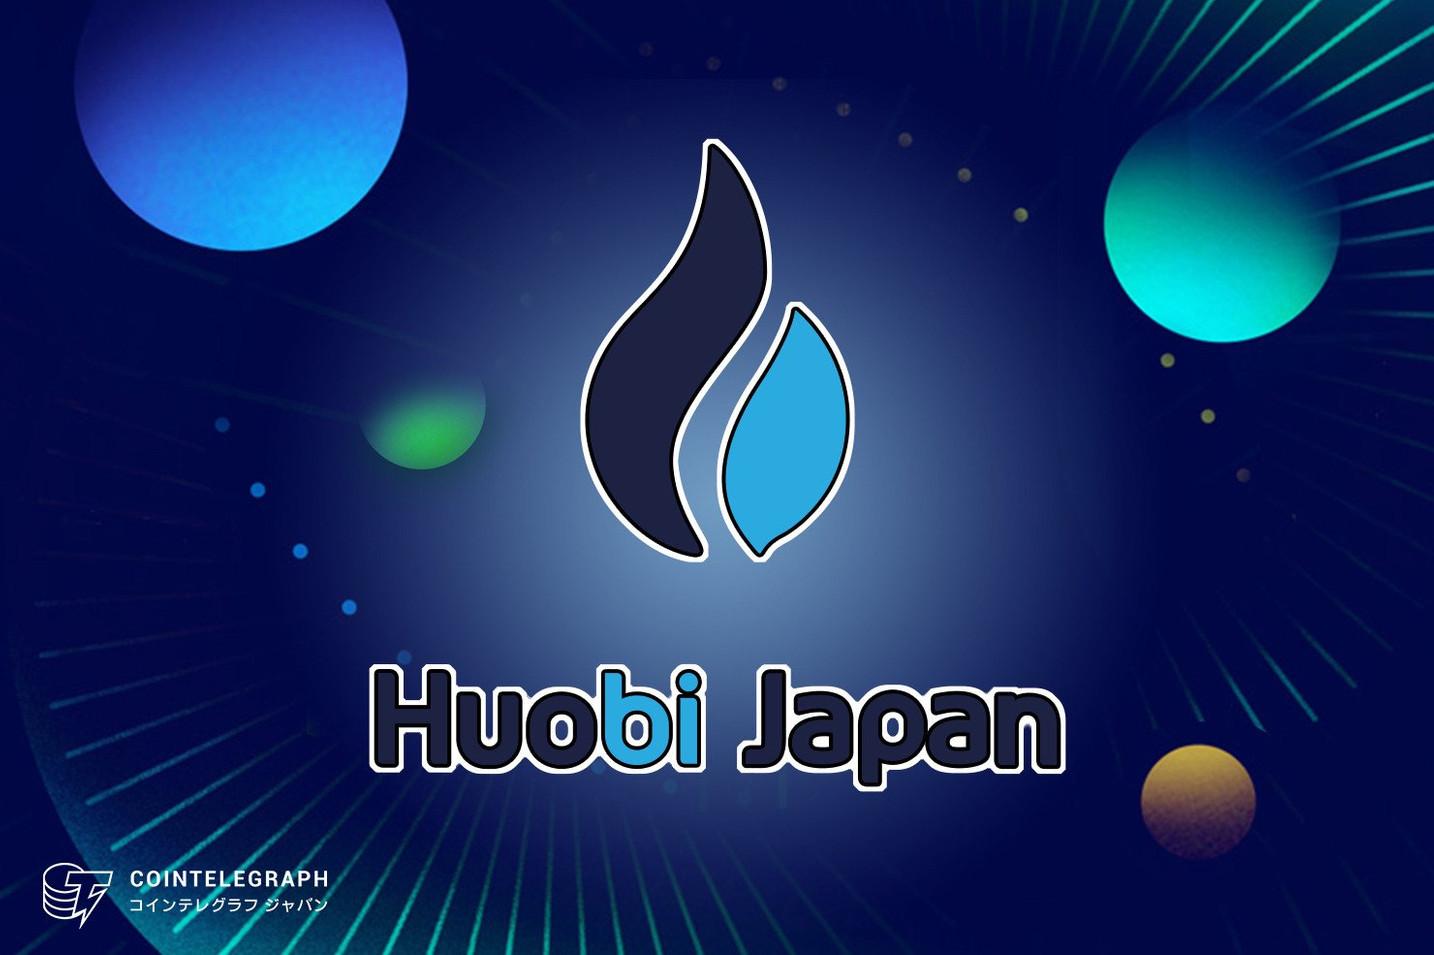 【先着でHTプレゼント】恩返し第二弾!暗号資産取引所のHuobi(フォビ)、HT新規取扱い記念キャンペーン!